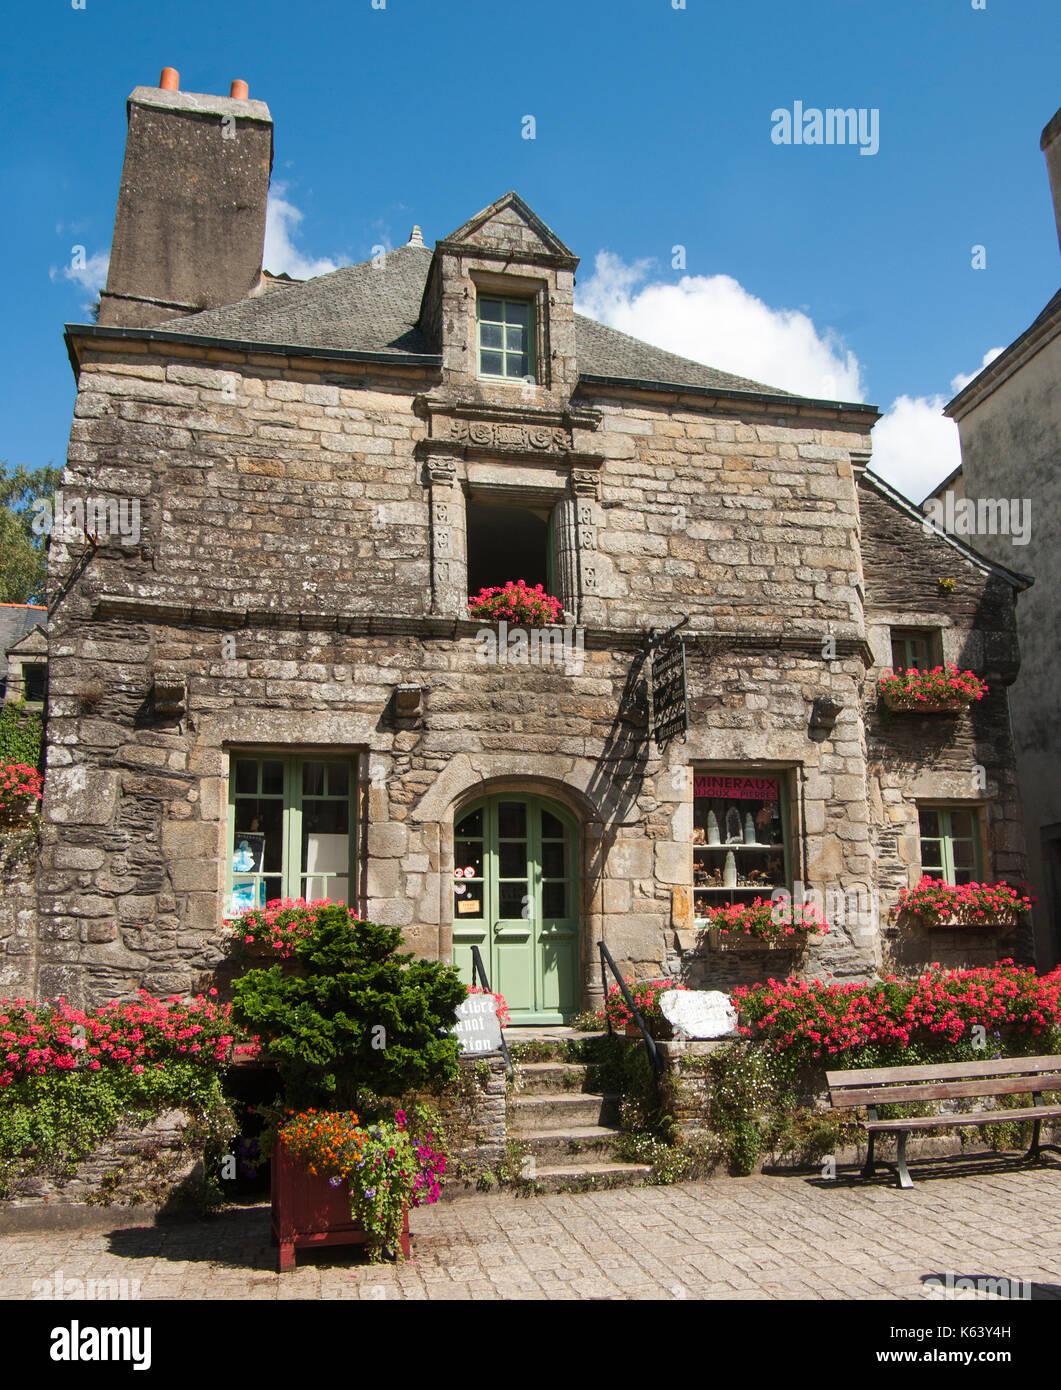 Les Plus Beaux Villages De Bretagne : beaux, villages, bretagne, Ancient, House, Rochefort, Terre,, Labelled, Beaux, Villages, Stock, Photo, Alamy